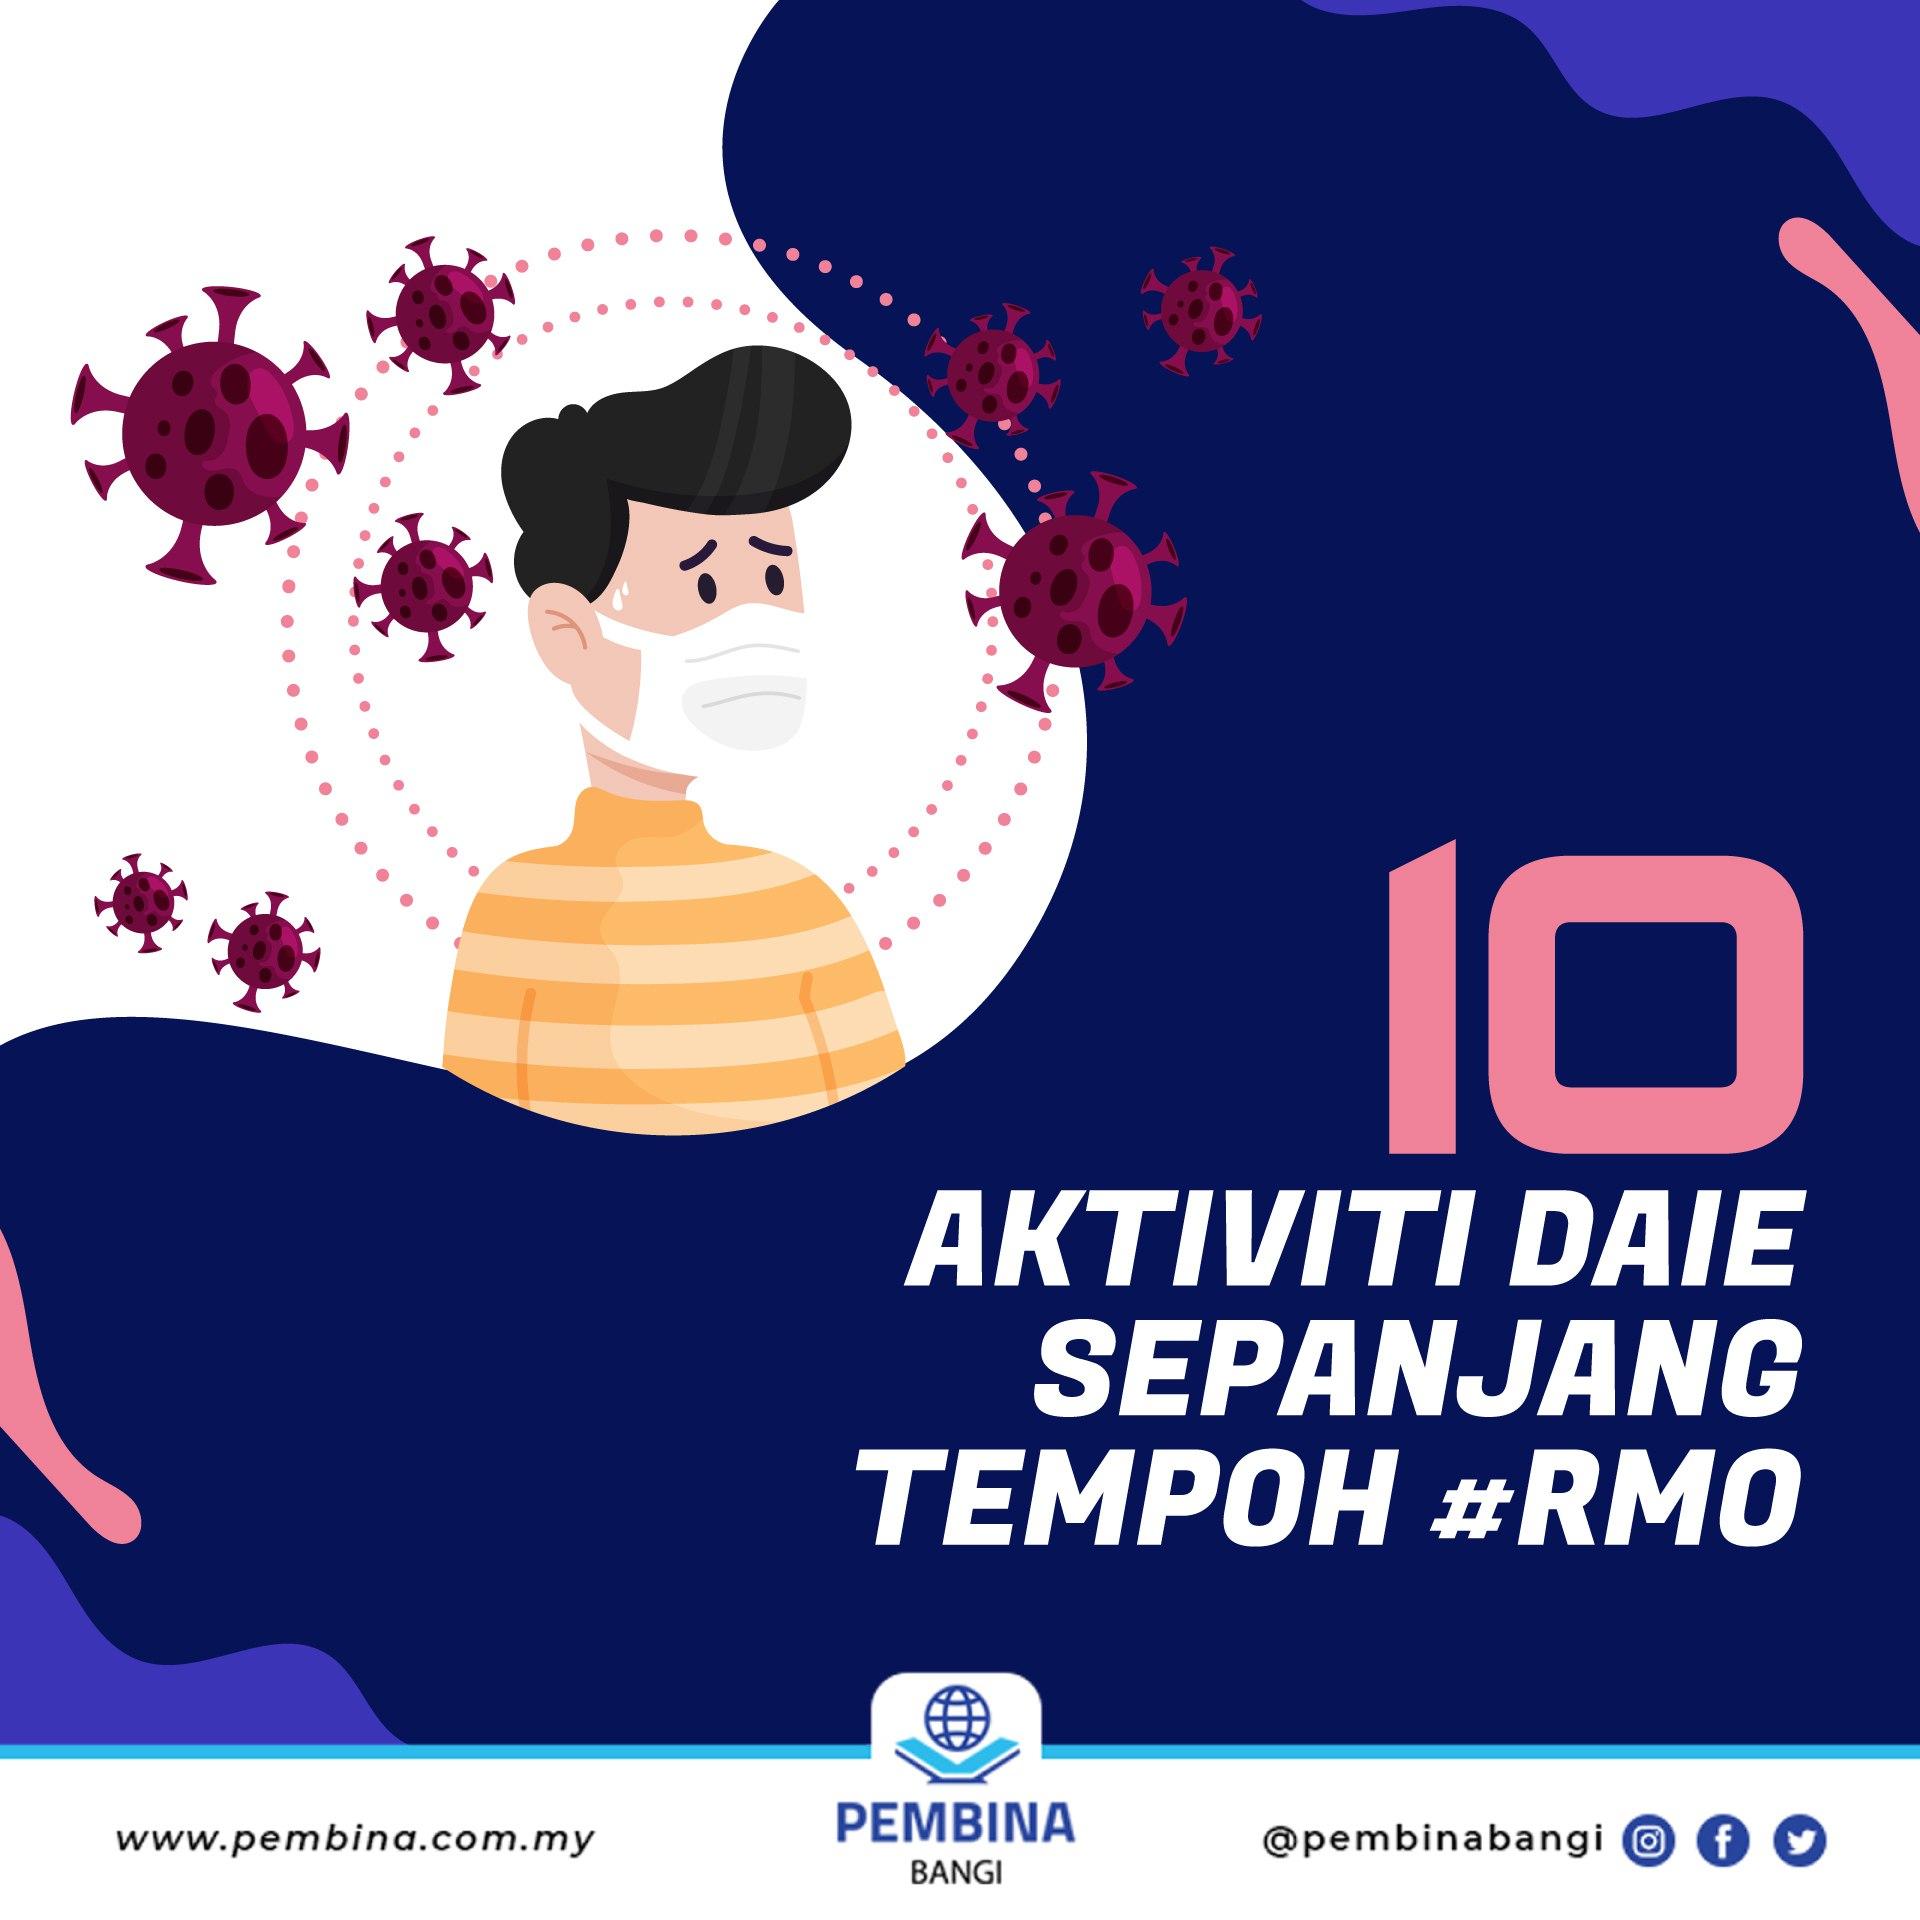 10 AKTIVITI DAIE SEPANJANG TEMPOH #RMO